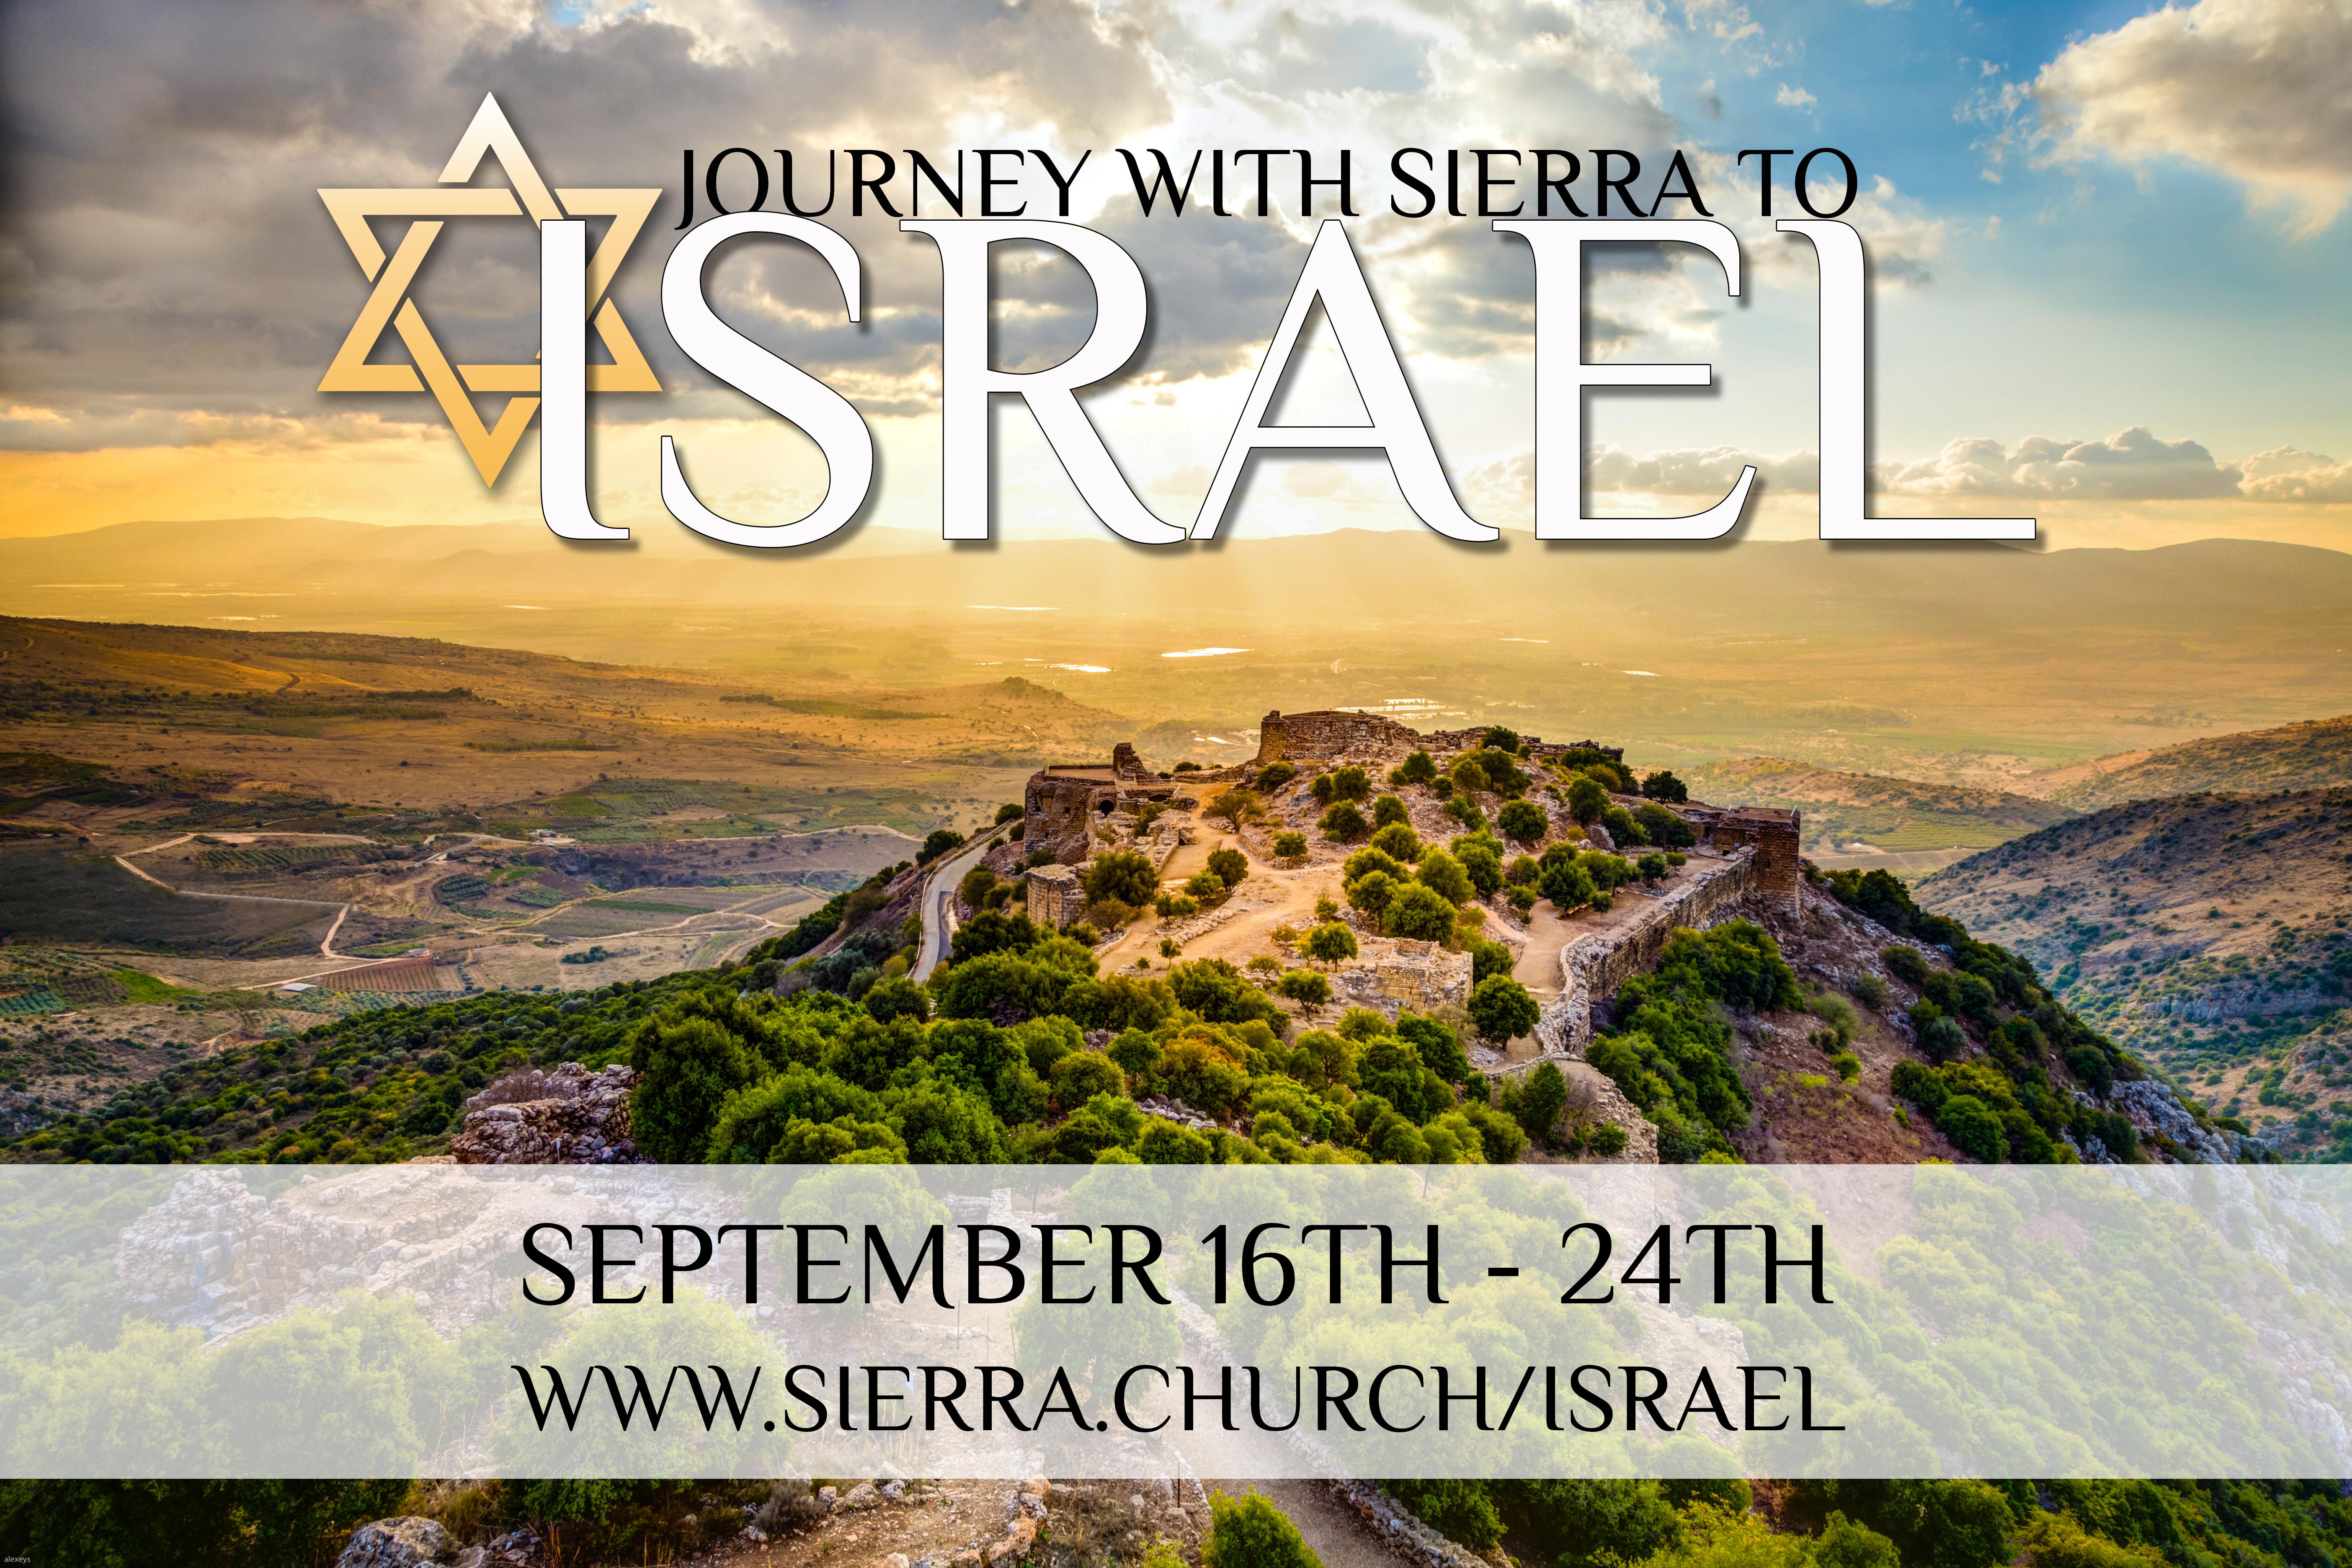 Israel Sierra Community Church